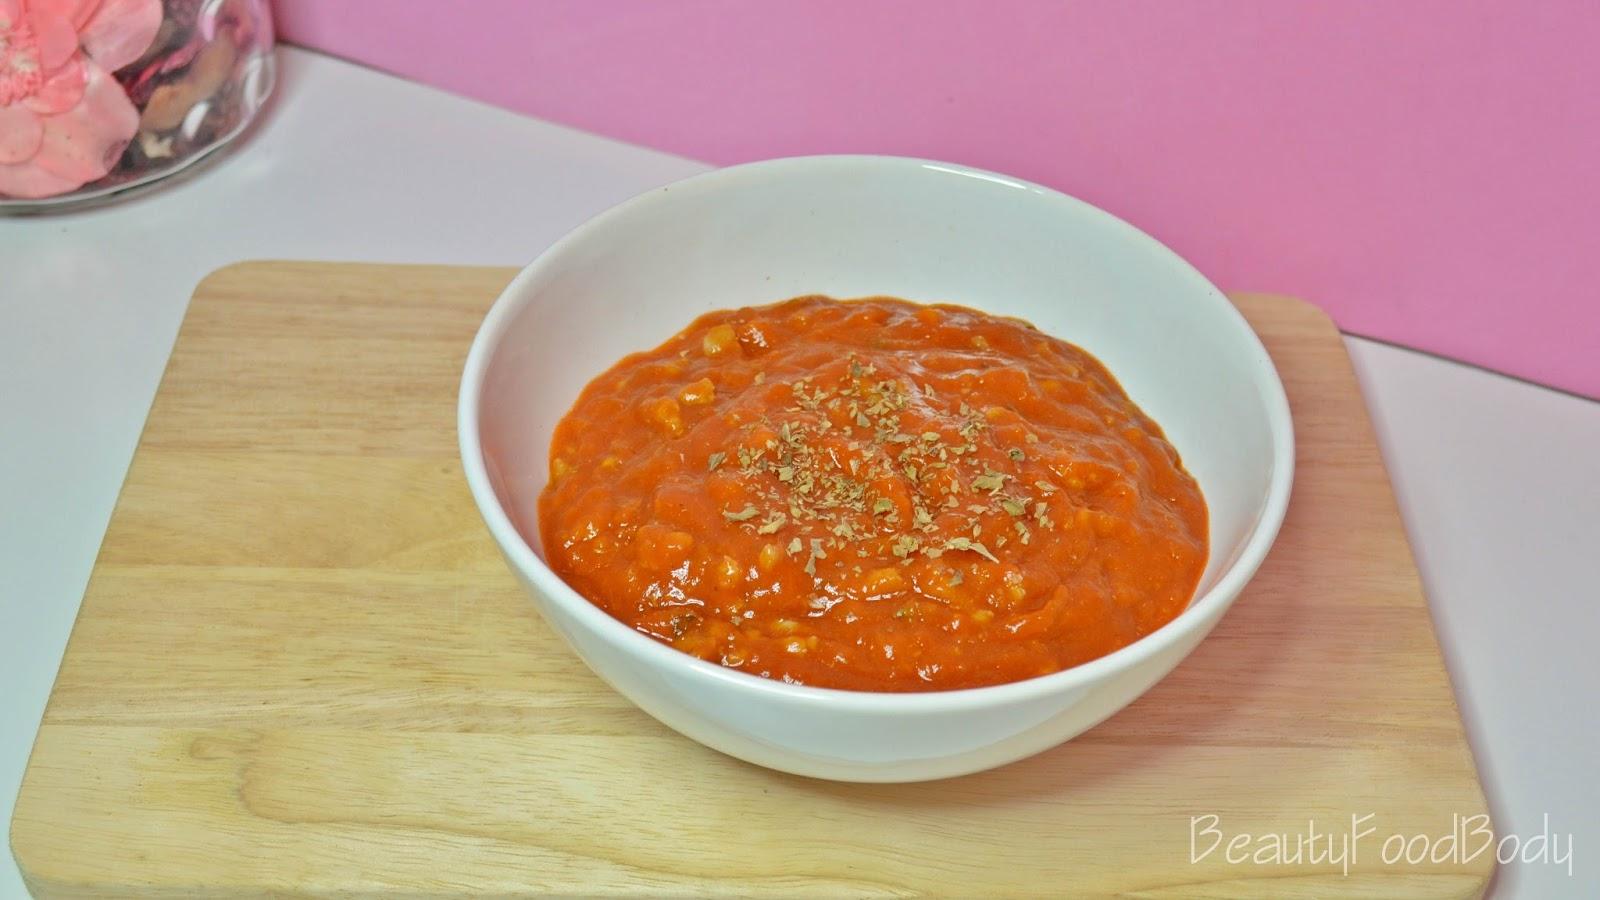 beautyfoodbody receta salsa boloñesa bolognesa rapida facil sencilla